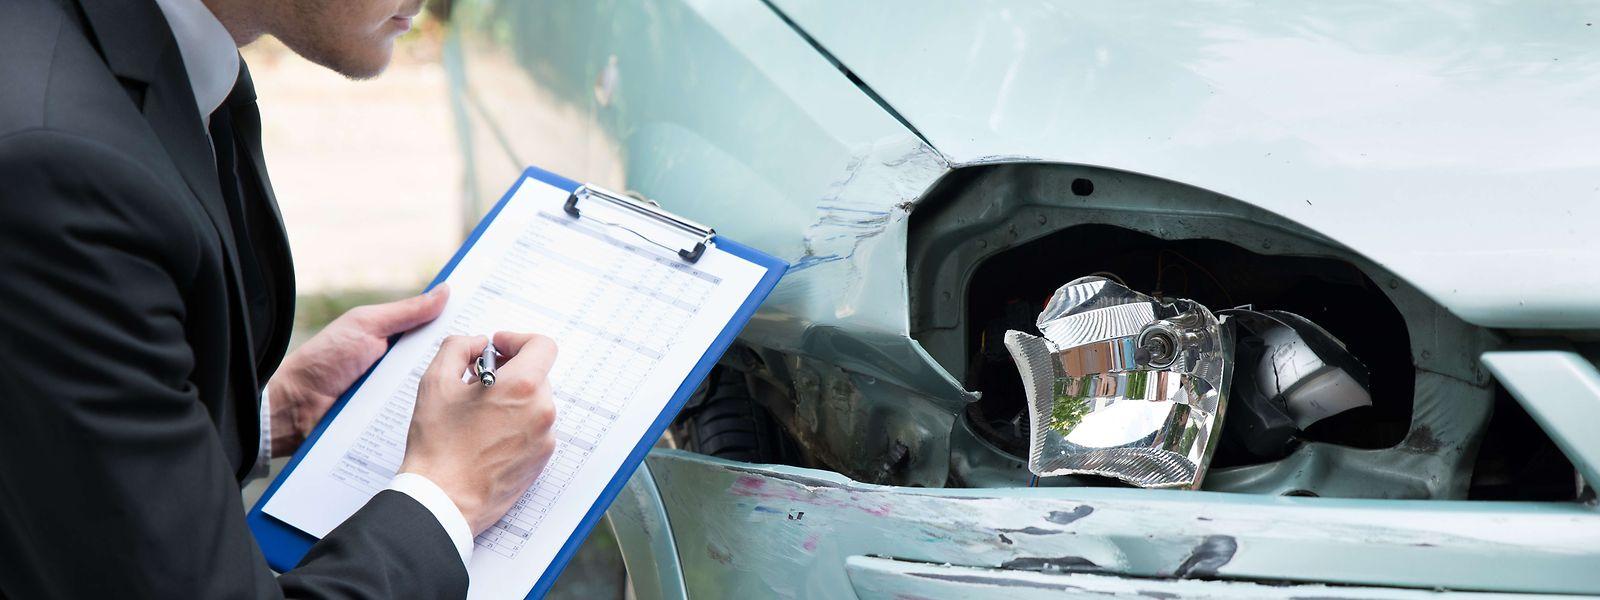 L'Ordre des experts automobiles au Luxembourg a déposé une plainte auprès du ministère pour pouvoir bénéficier du chômage partiel.